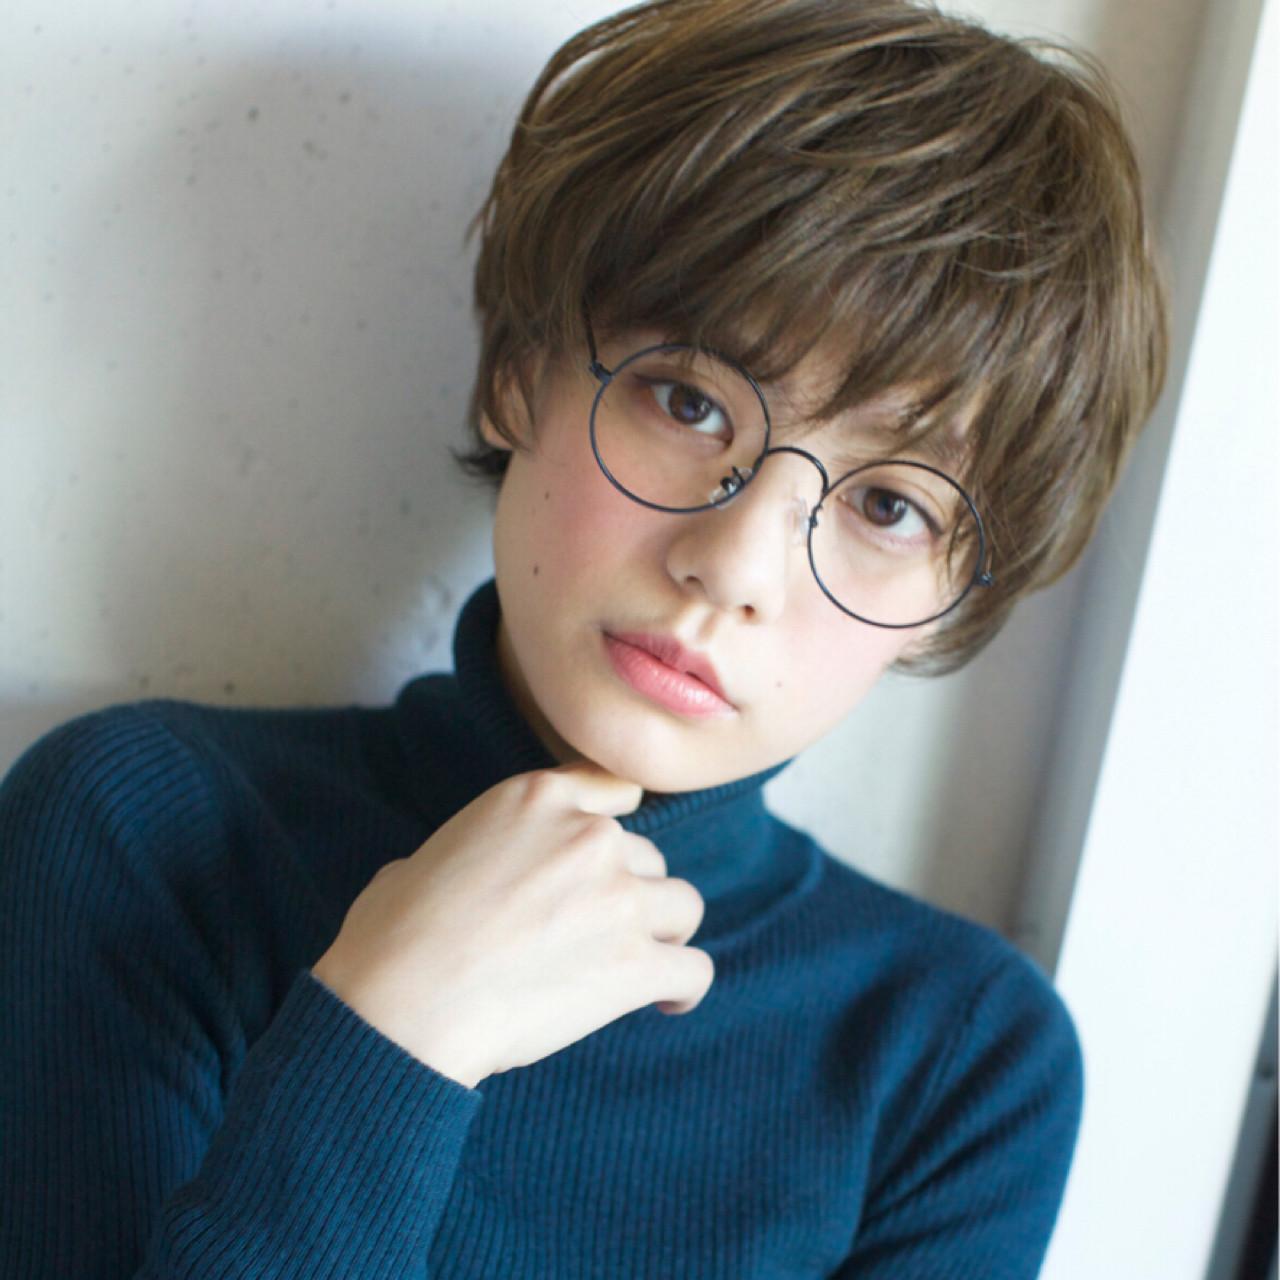 ハイライト 小顔 こなれ感 外国人風 ヘアスタイルや髪型の写真・画像 | 石川 瑠利子 /